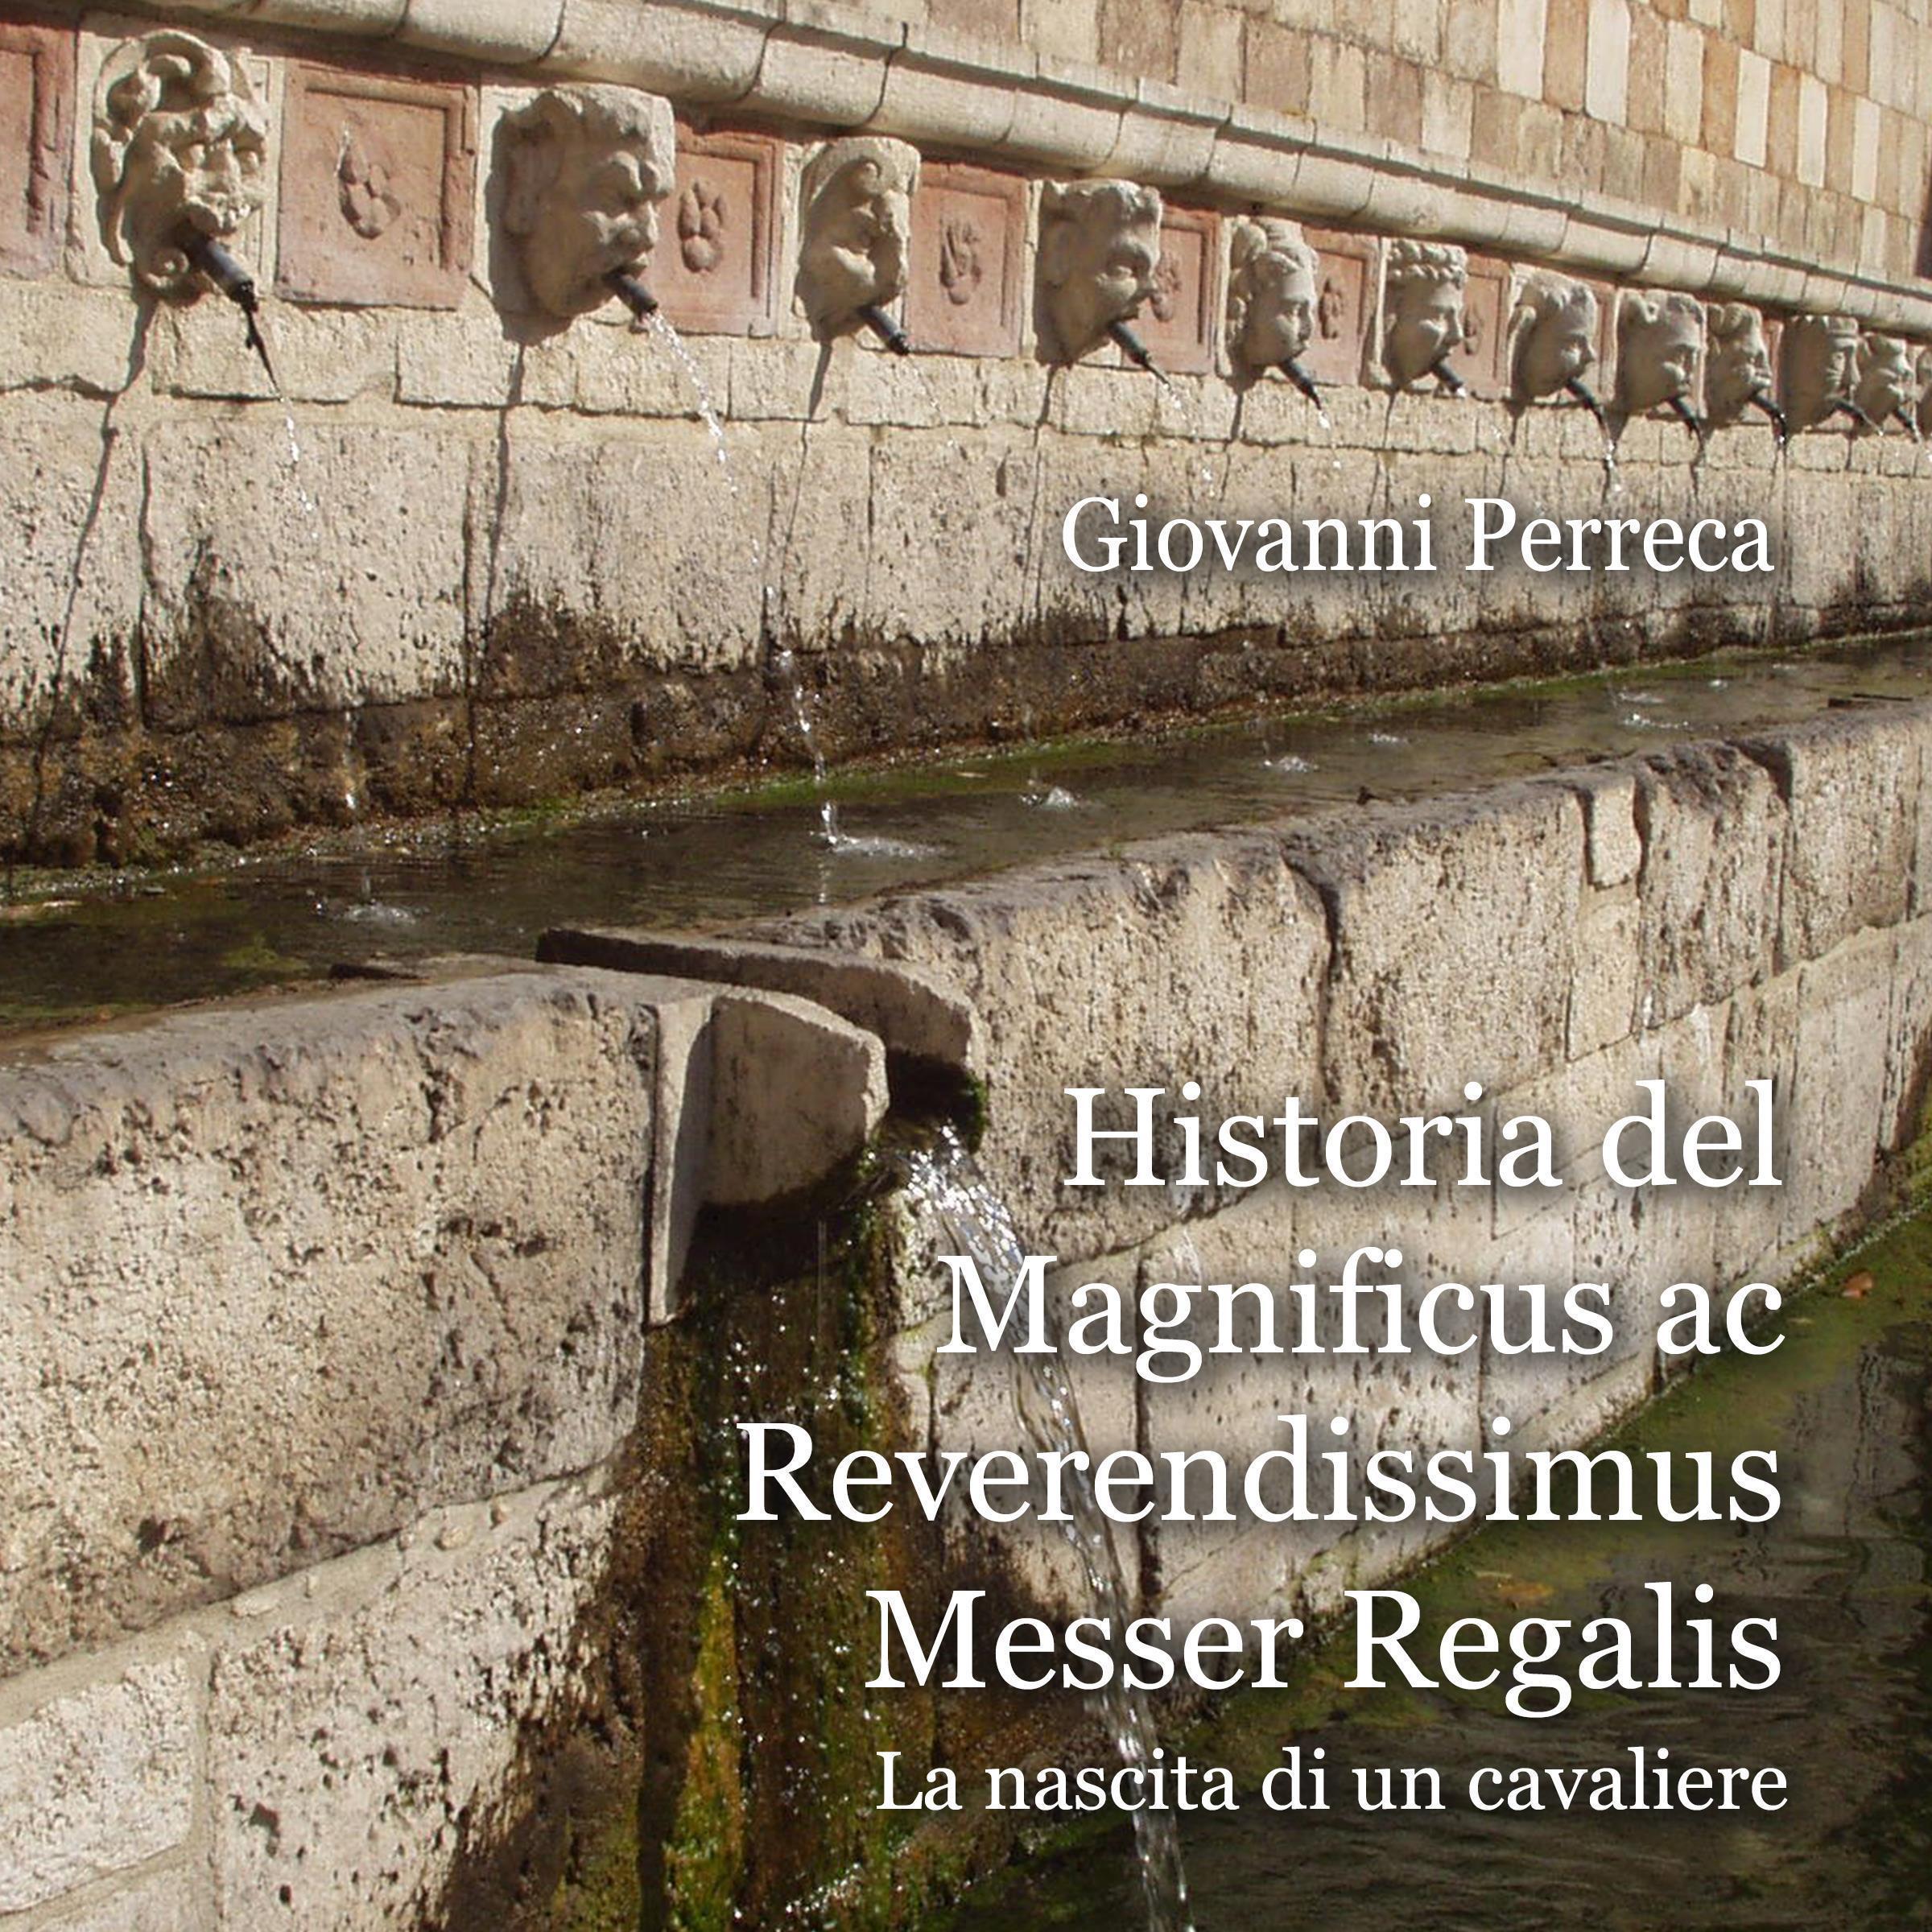 Historia del Magnificus ac Reverendissimus Messer Regalis